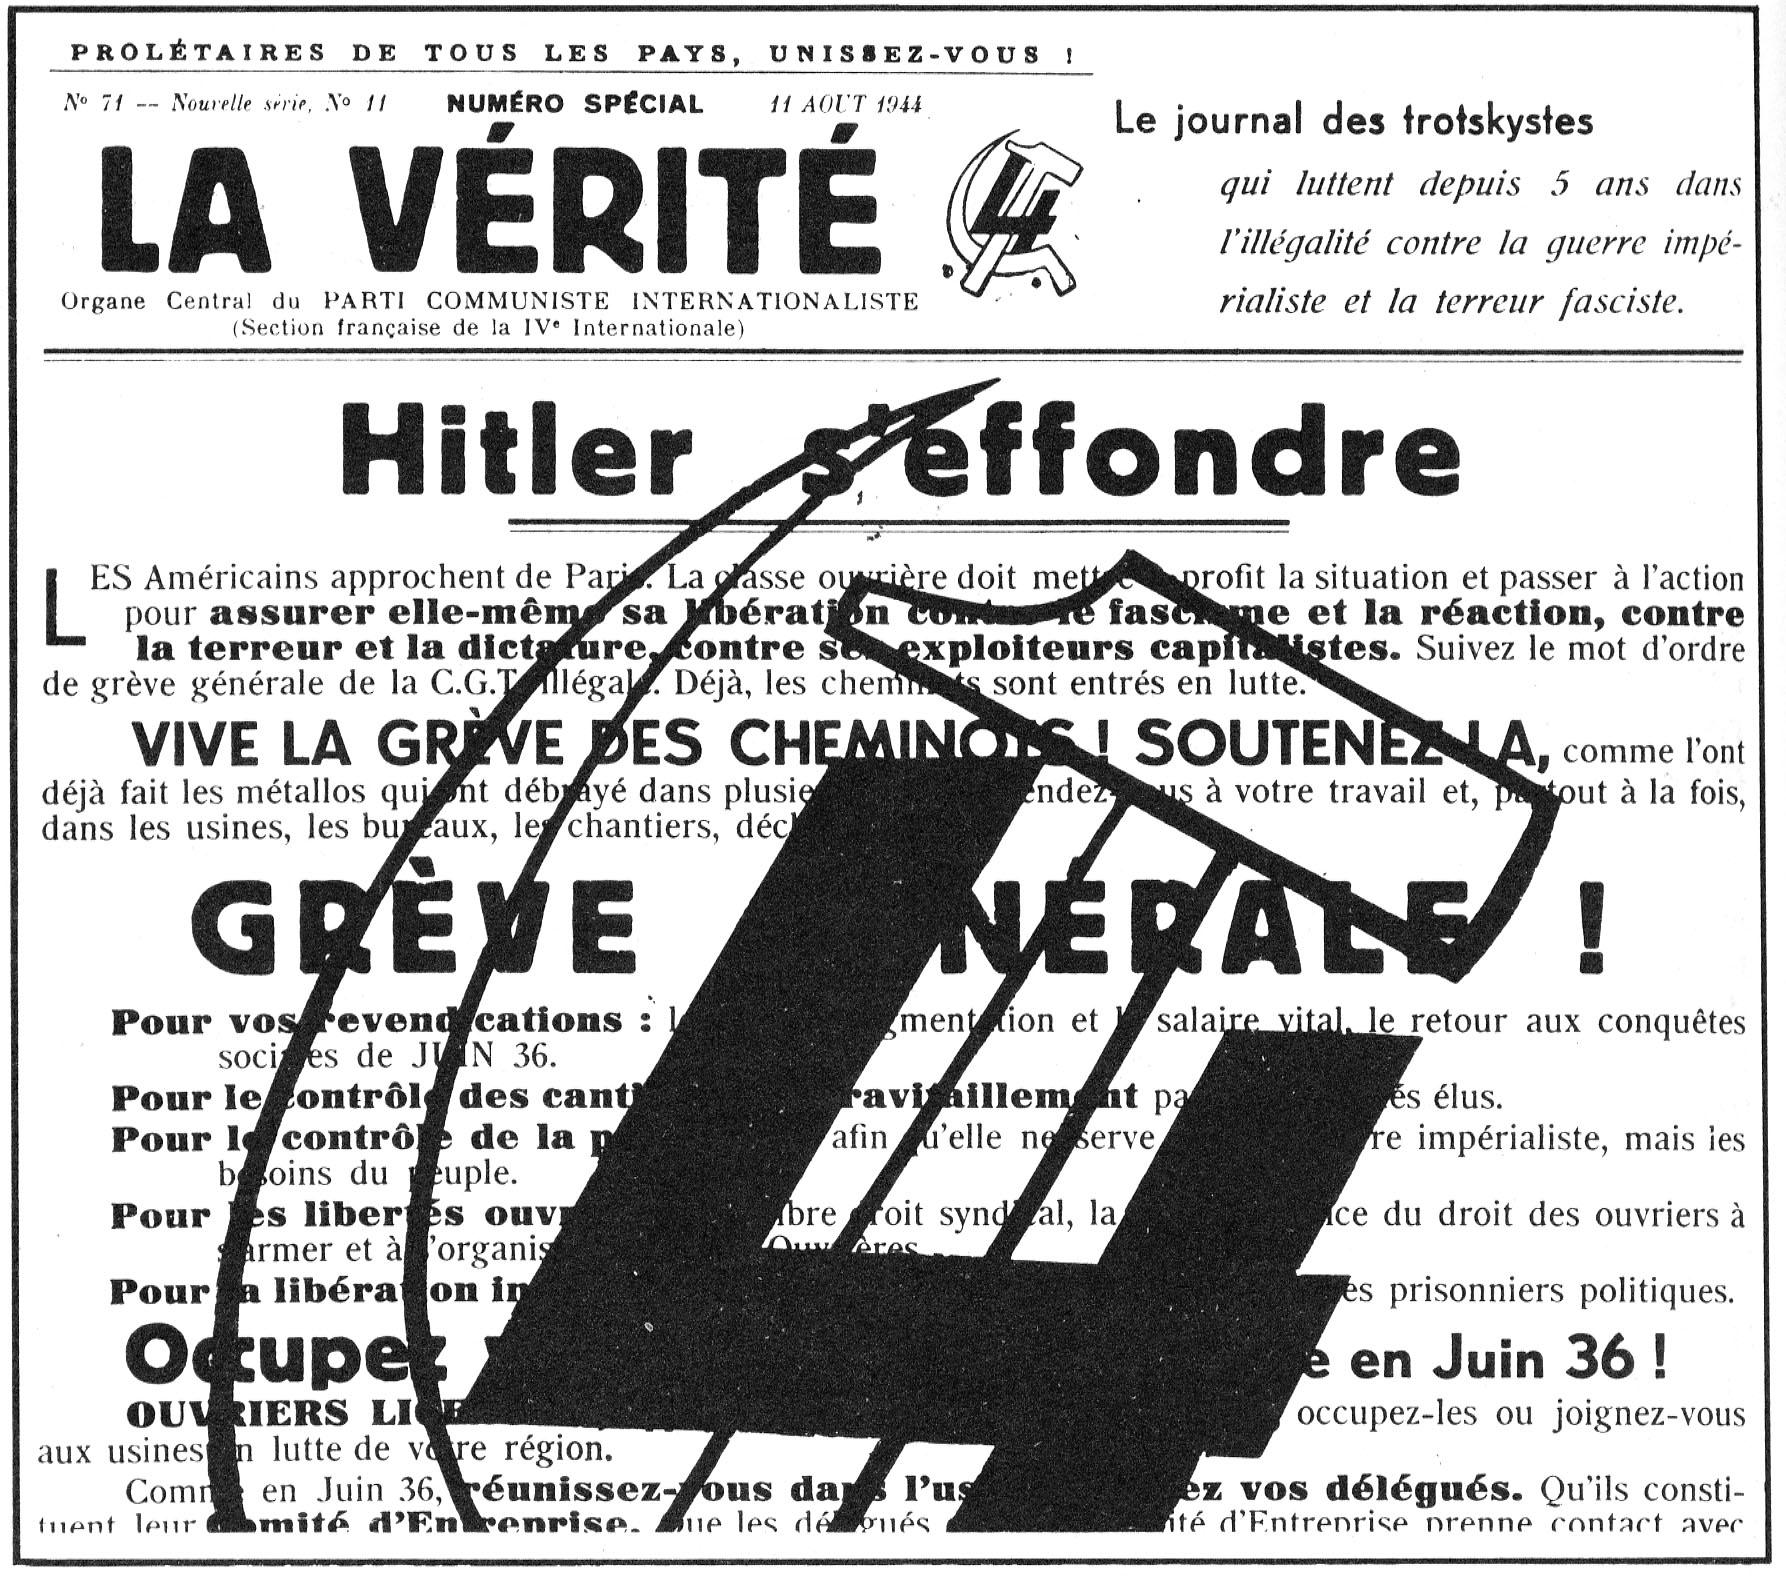 Déclaration des communistes internationalistes de Buchenwald, 20 avril 1945